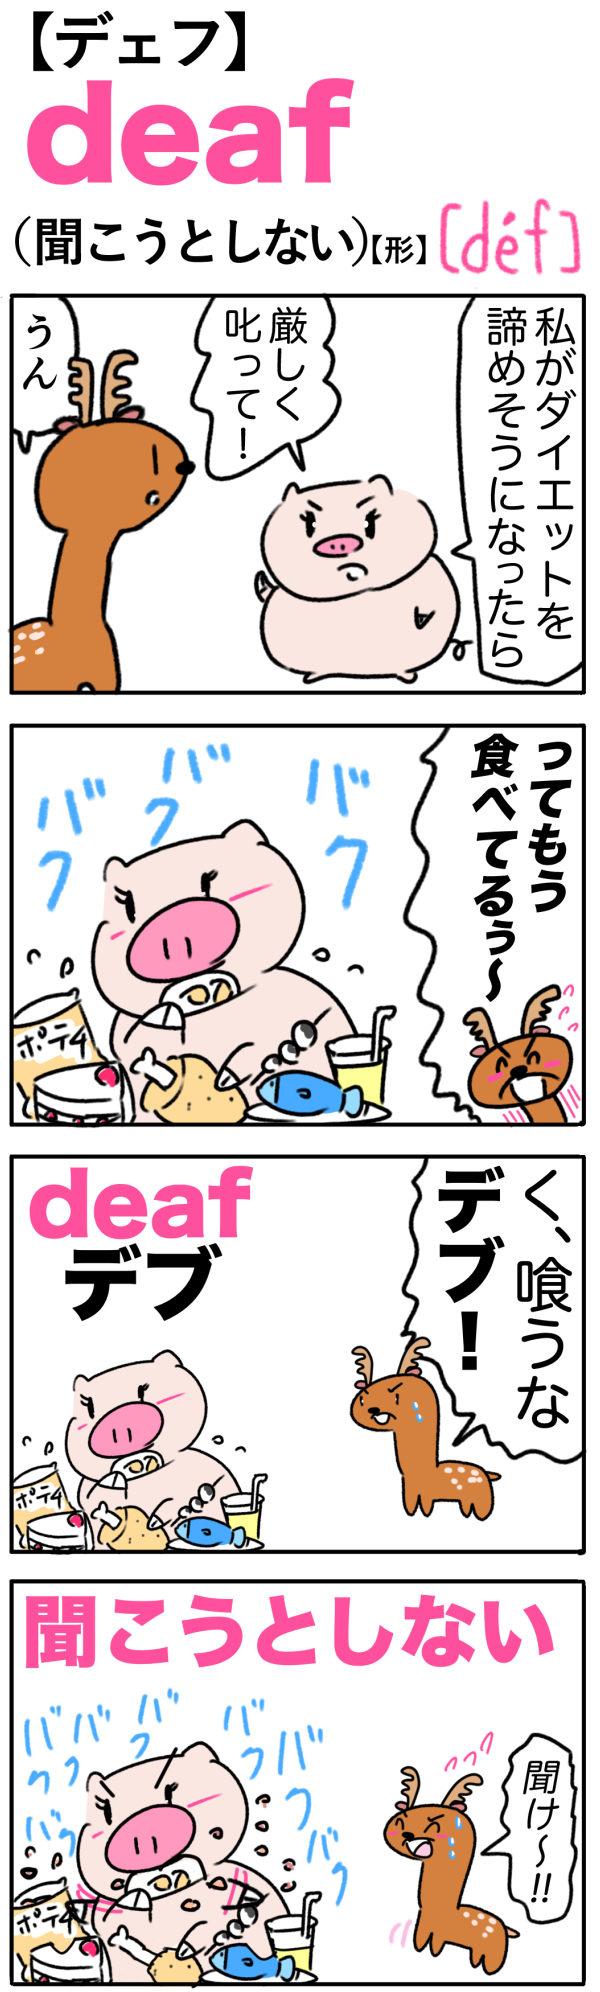 deaf(聞こうとしない)の語呂合わせ英単語